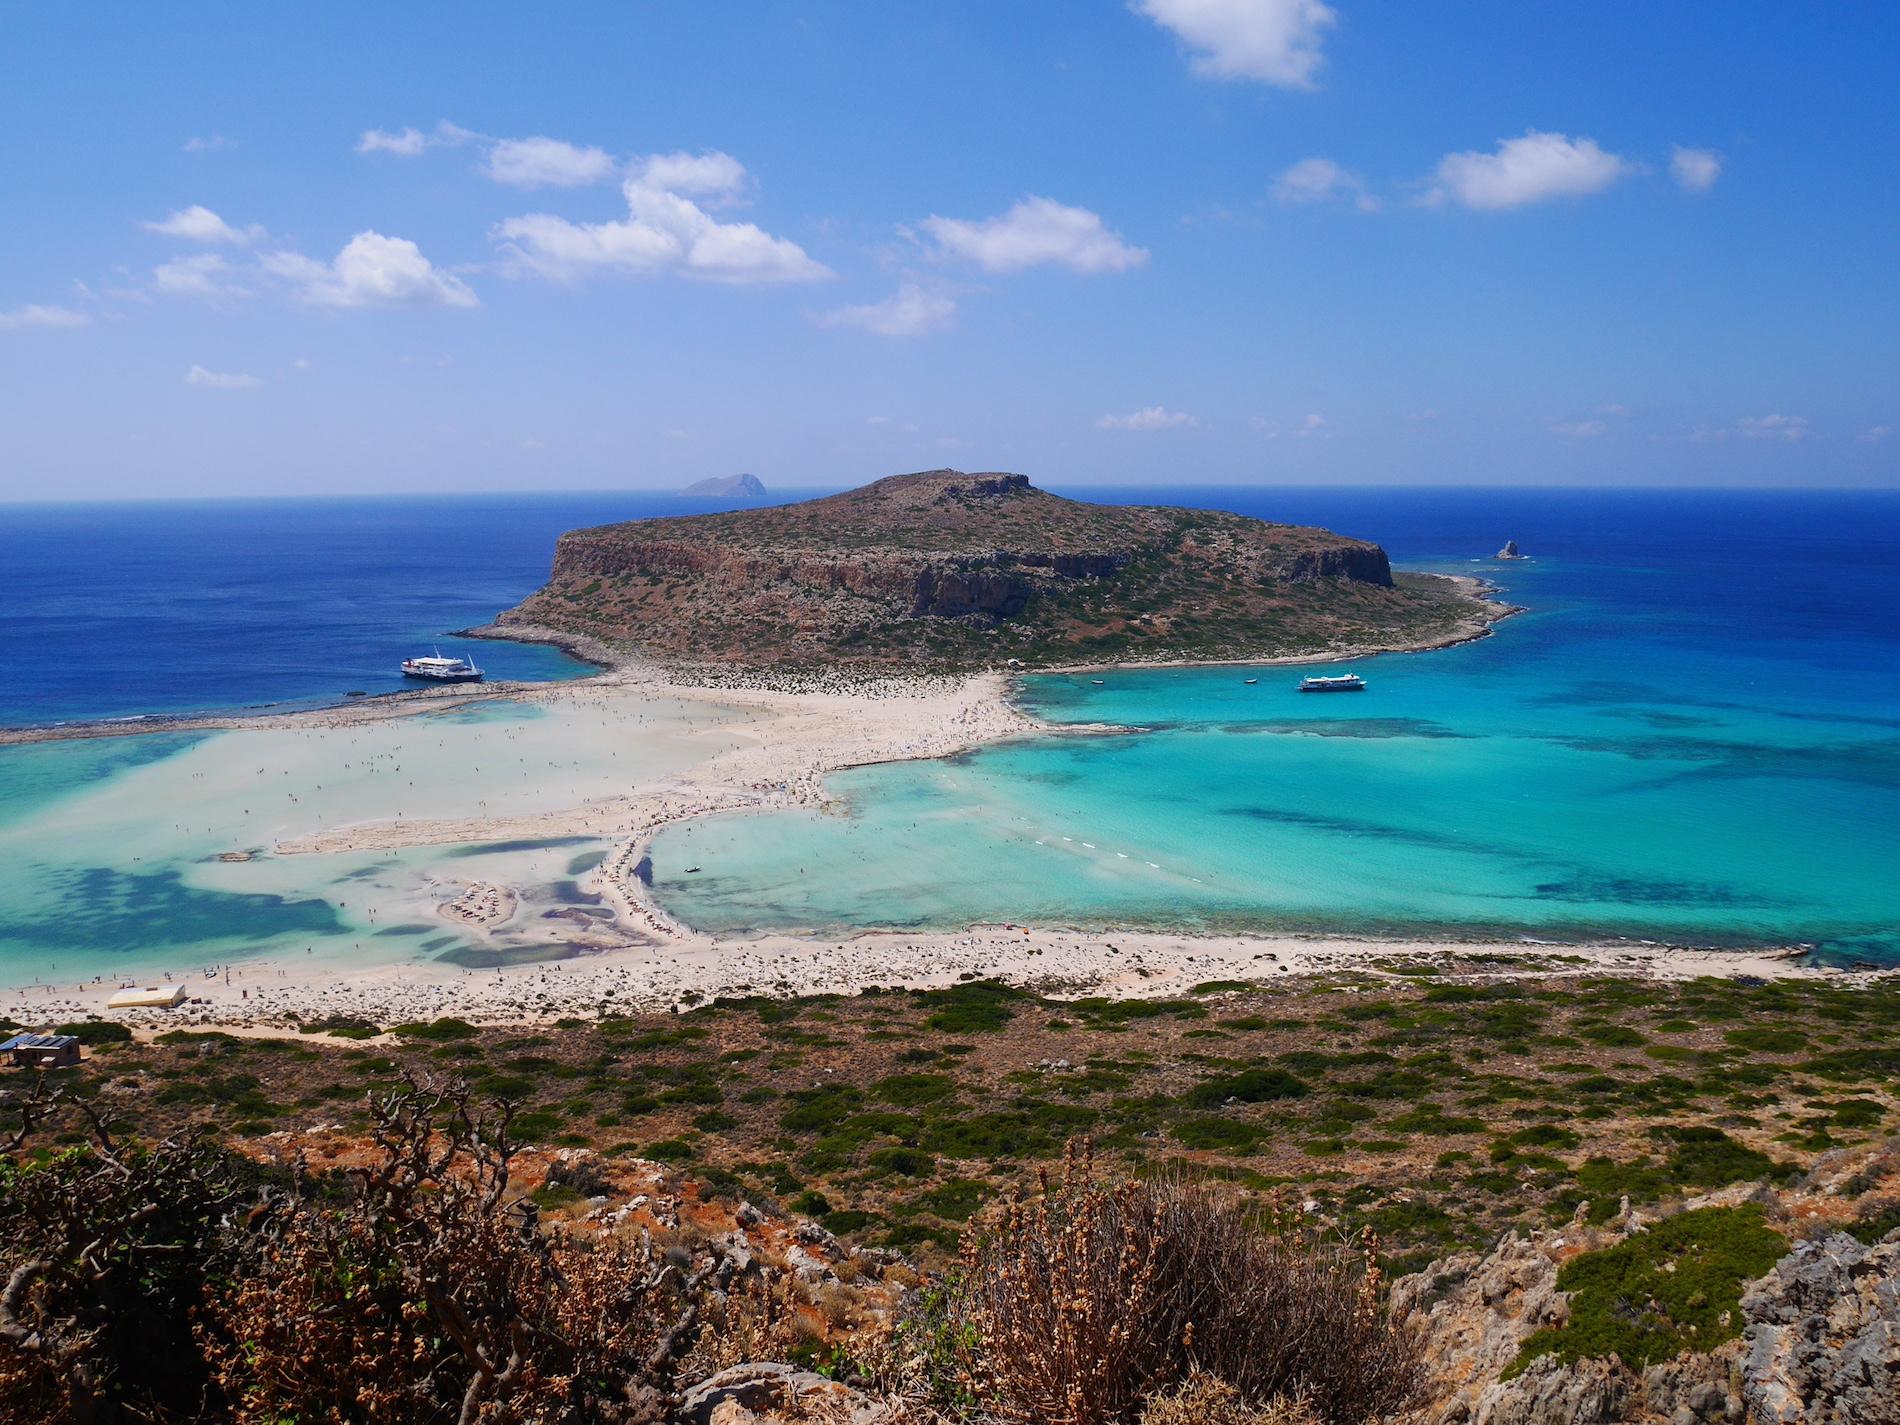 leukste eiland in griekenland Kreta